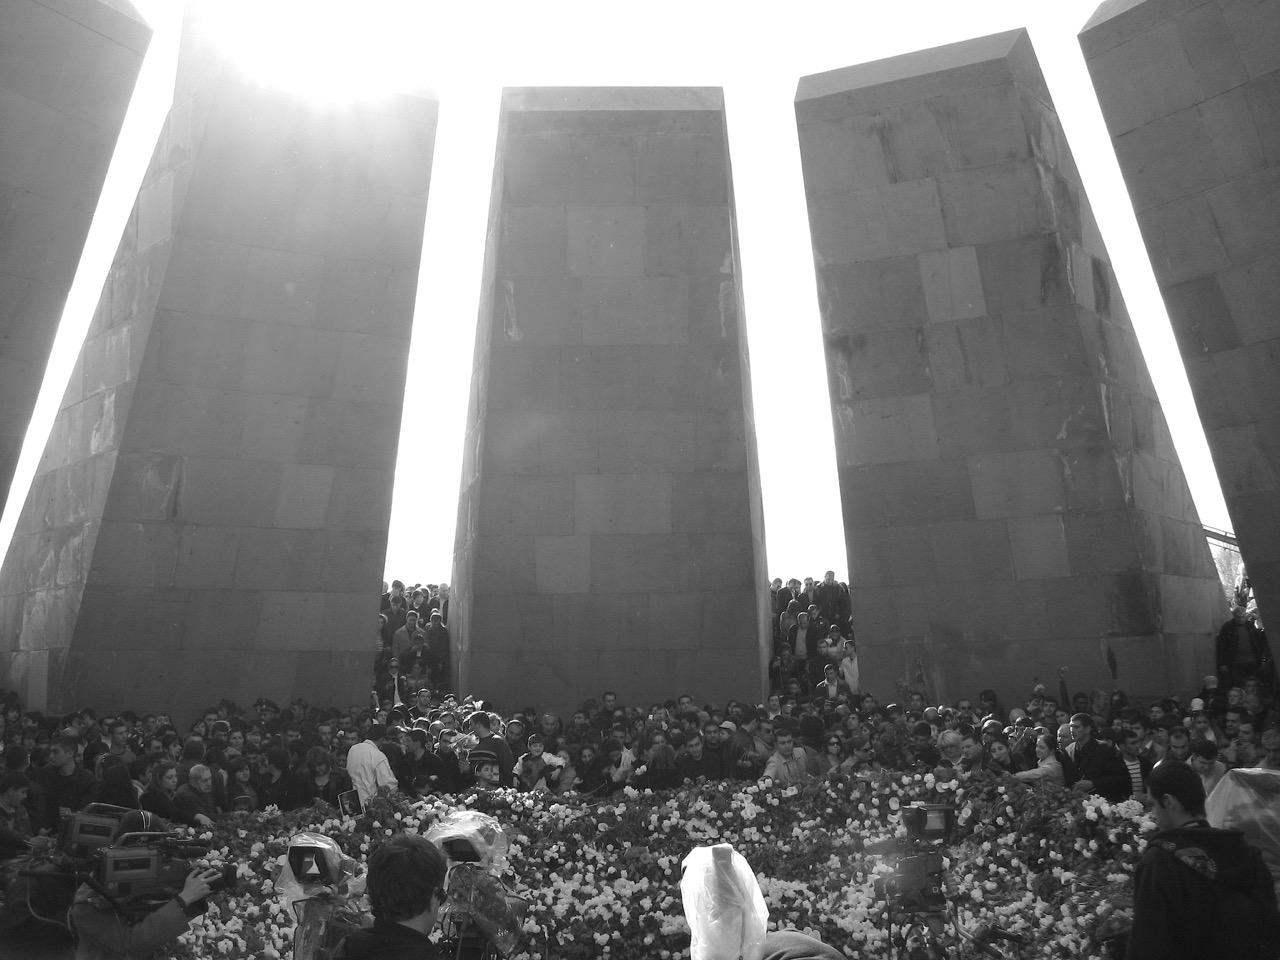 Foto: Zizernakaberd. Aus: Eriwan. Kapitel 6 Aufzeichnungen aus Armenien von Marc Degens.